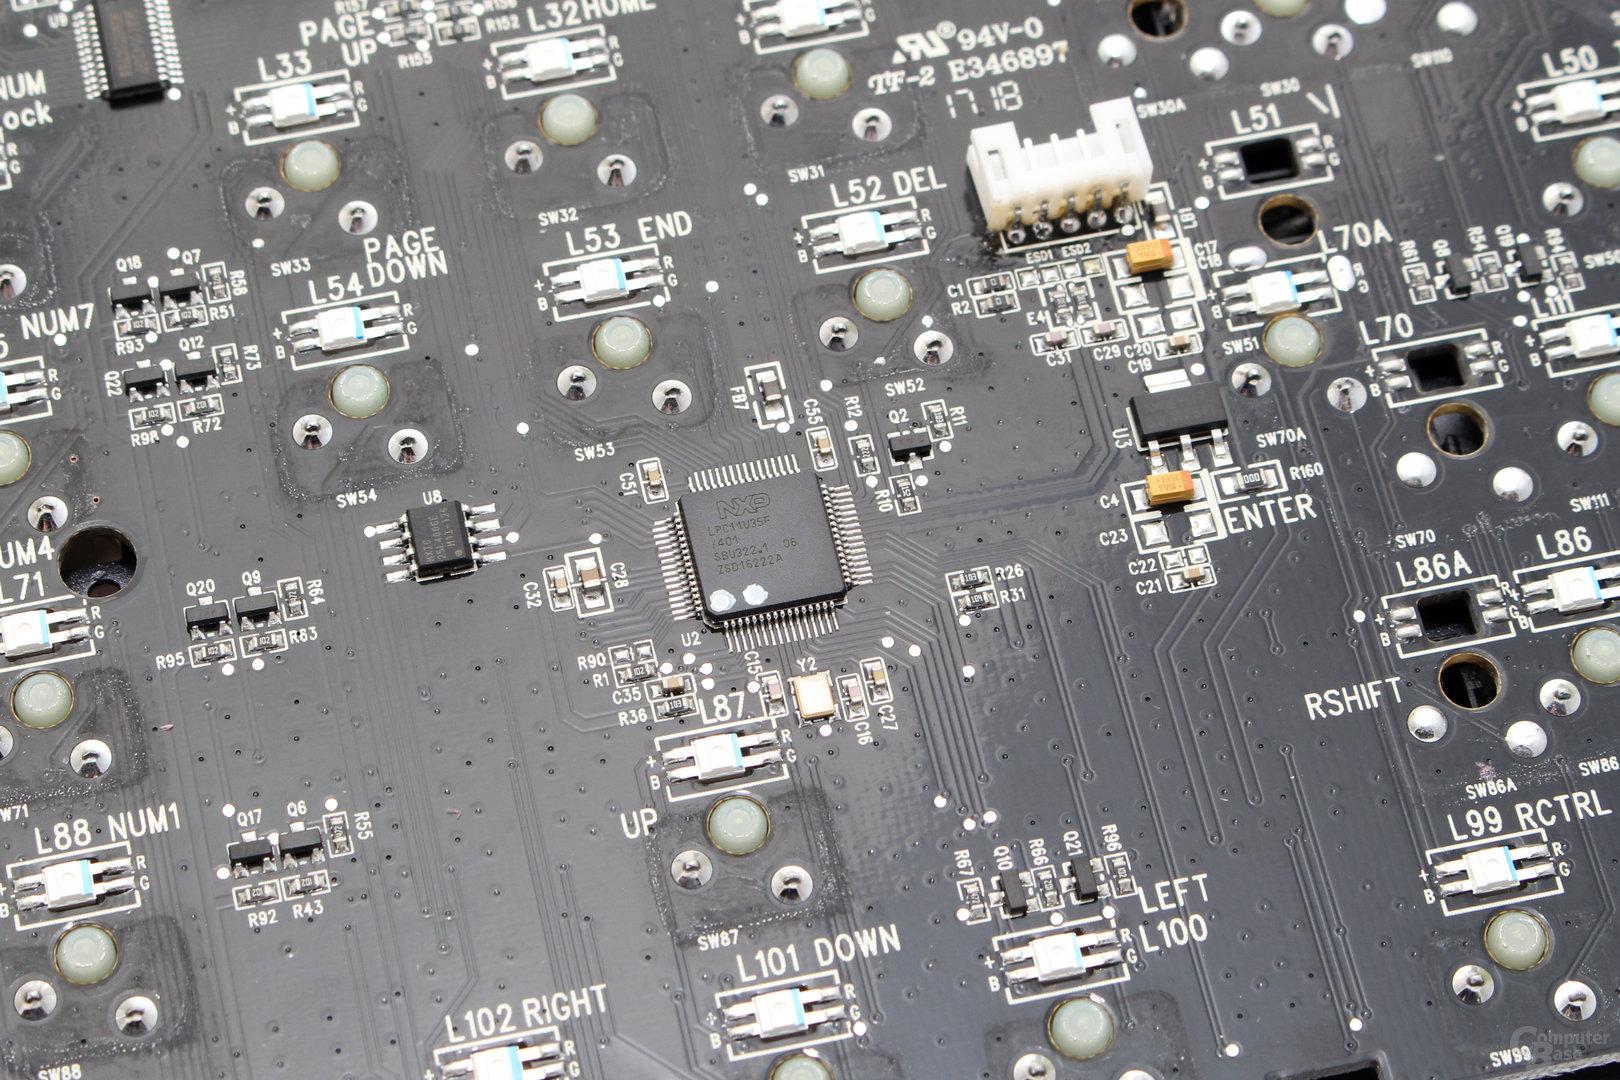 Der Mikrocontroller stammt von NPX (LPXU35F)